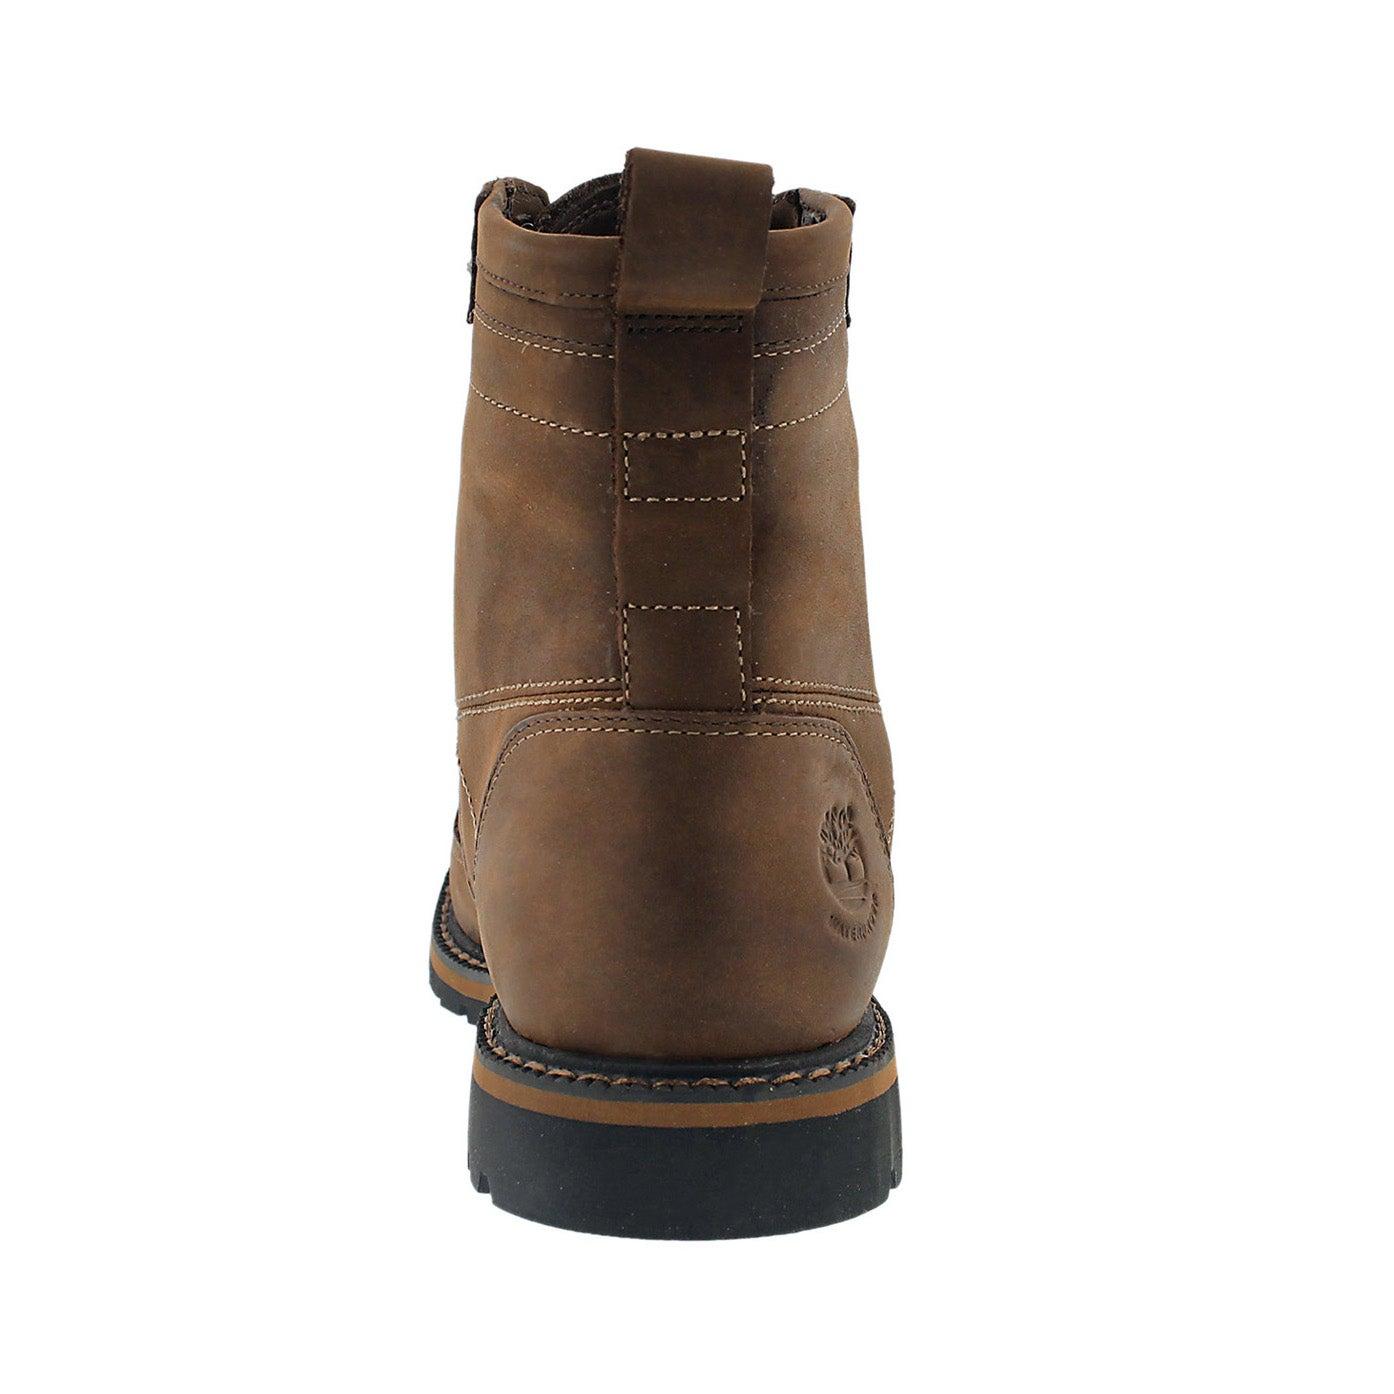 Mns Chestnut Ridge dk brn waterpf boot